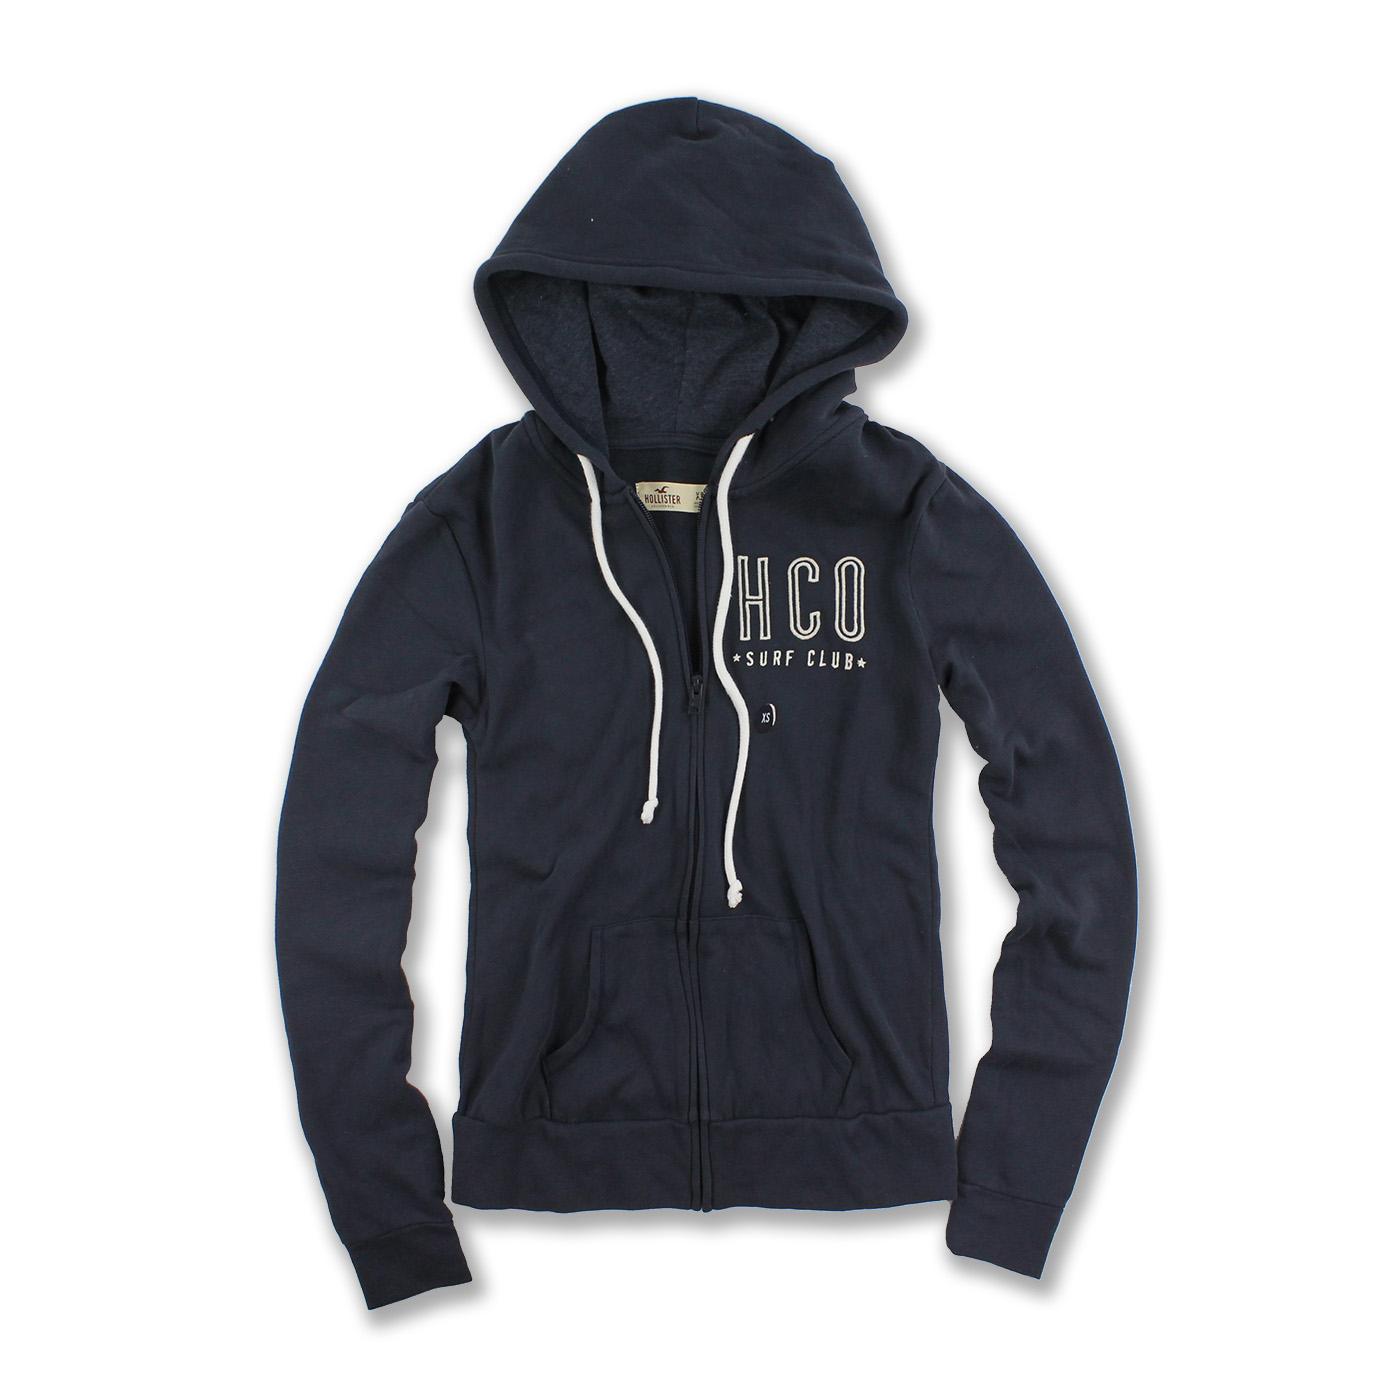 美國百分百【全新真品】Hollister Co. 外套 HCO 連帽 長袖 夾克 海鷗 刷毛 深藍 女 特價 XS S號 F867